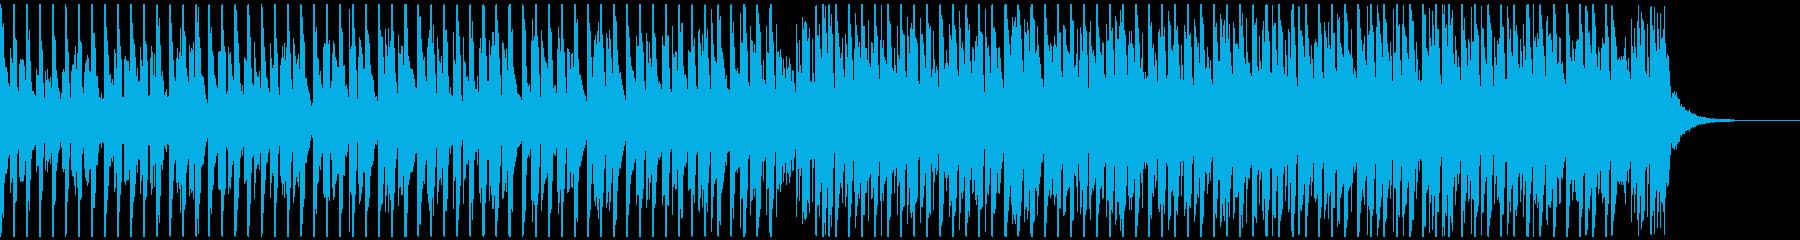 ポップパーティー(60秒)の再生済みの波形